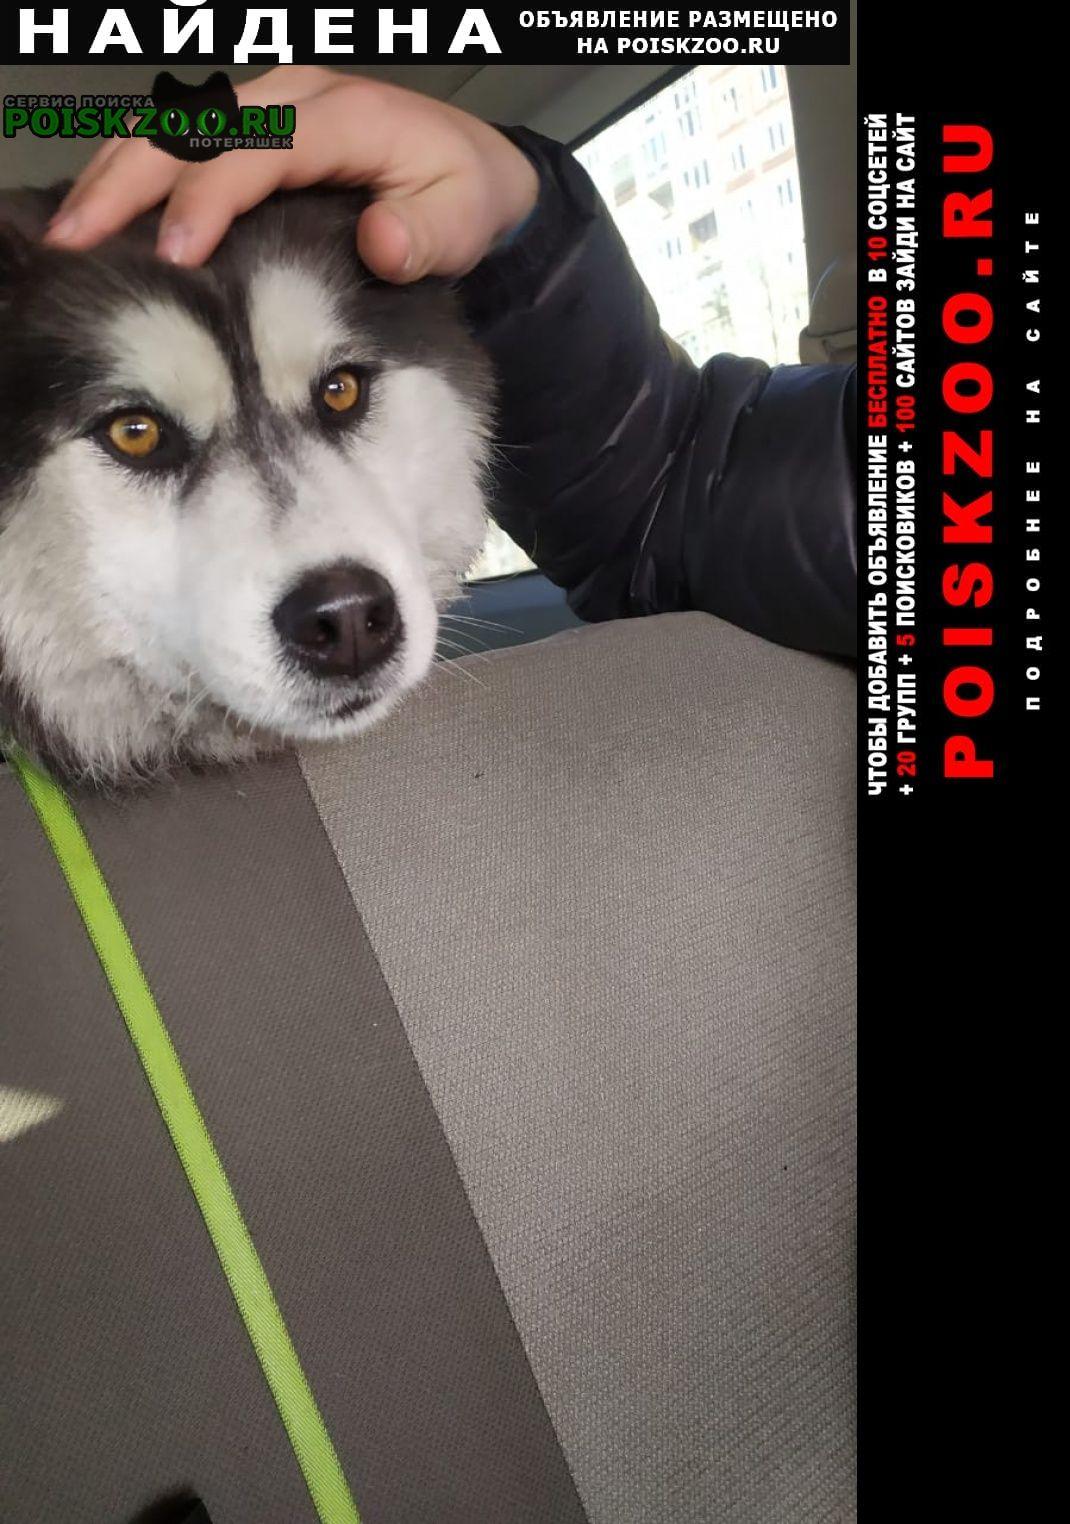 Найдена собака помогите найти хозяина Новокузнецк